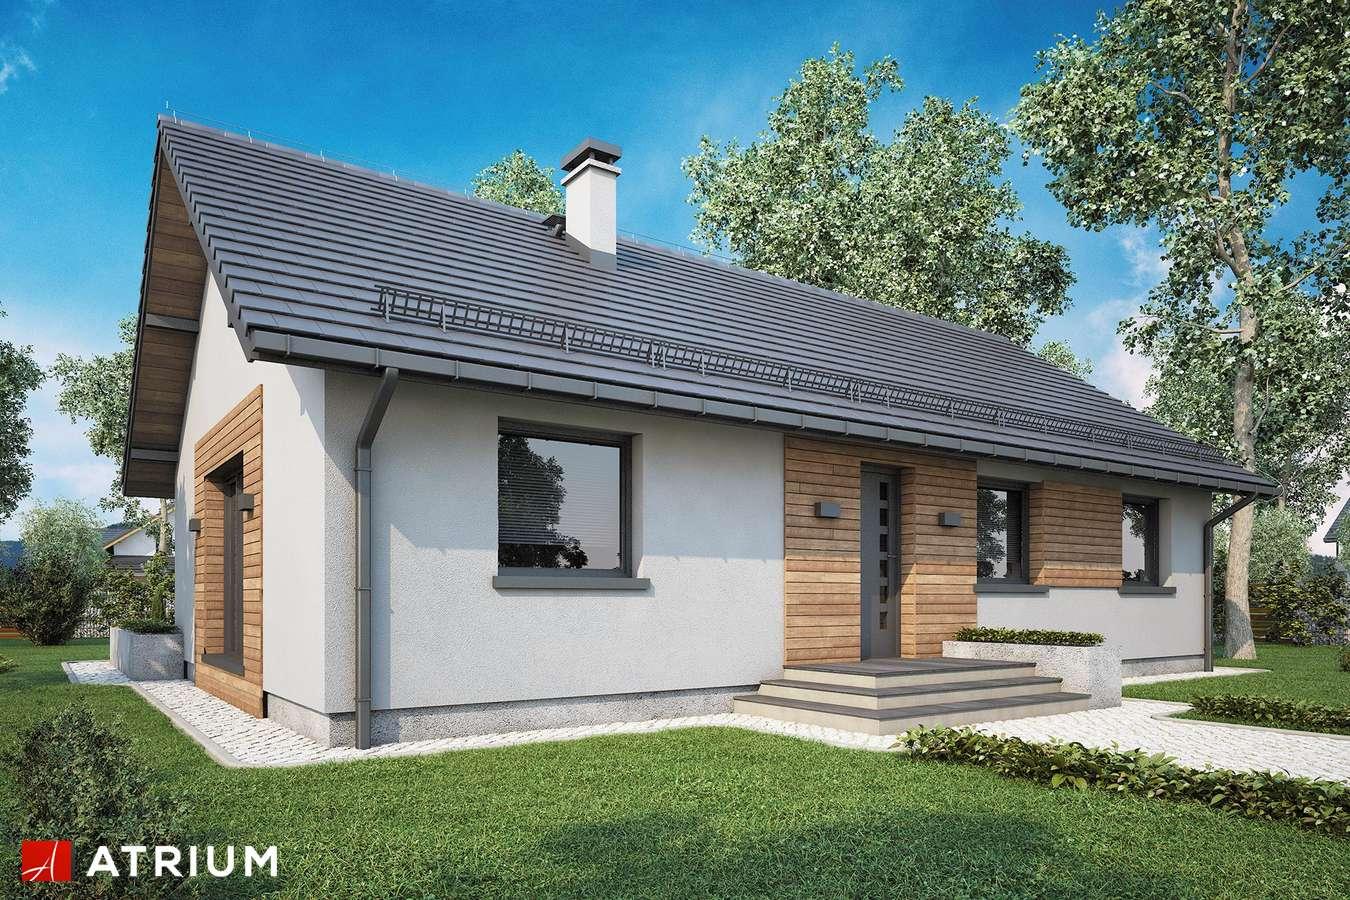 Projekty domów - Projekt domu parterowego AURORA II SZ - wizualizacja 1 - wersja lustrzana